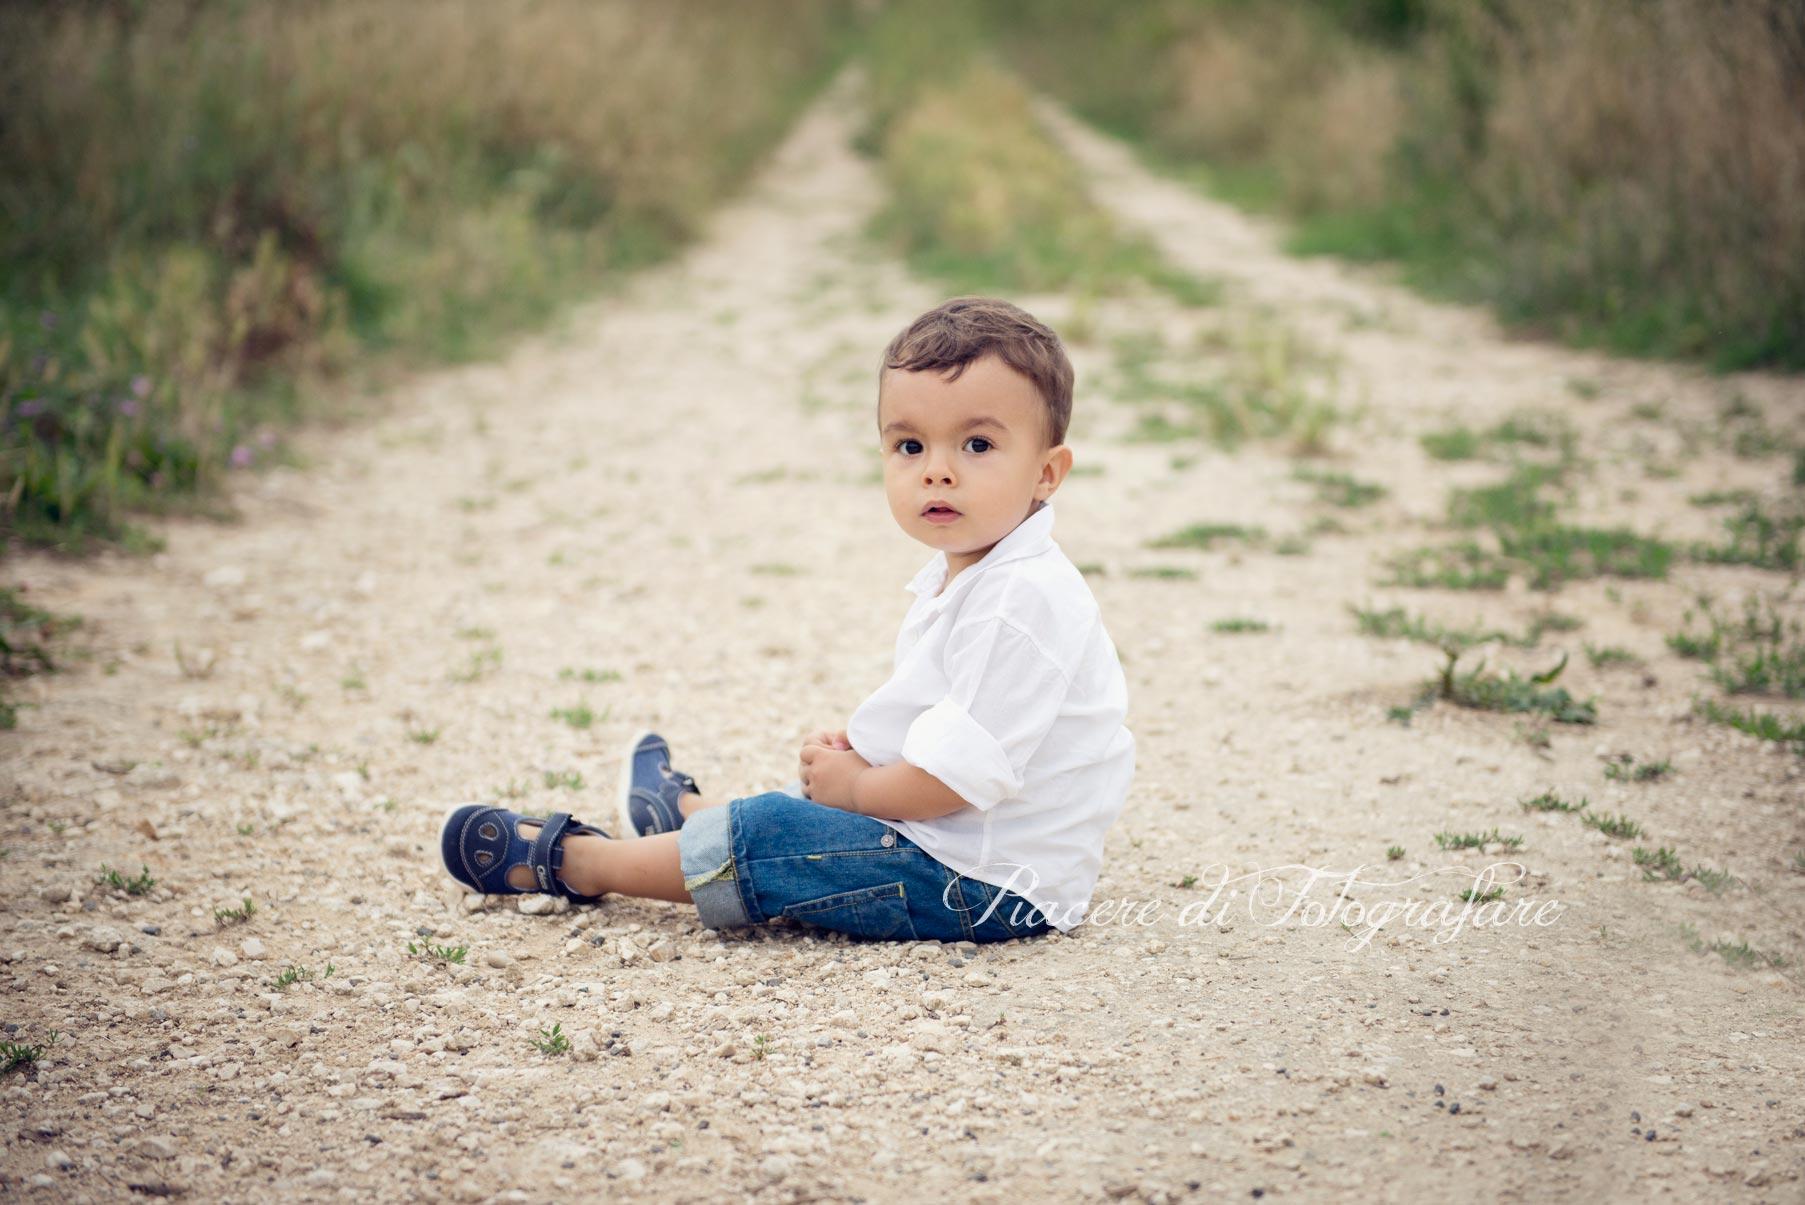 Popolare Racconto servizio fotografico bambino roma Michele OW95